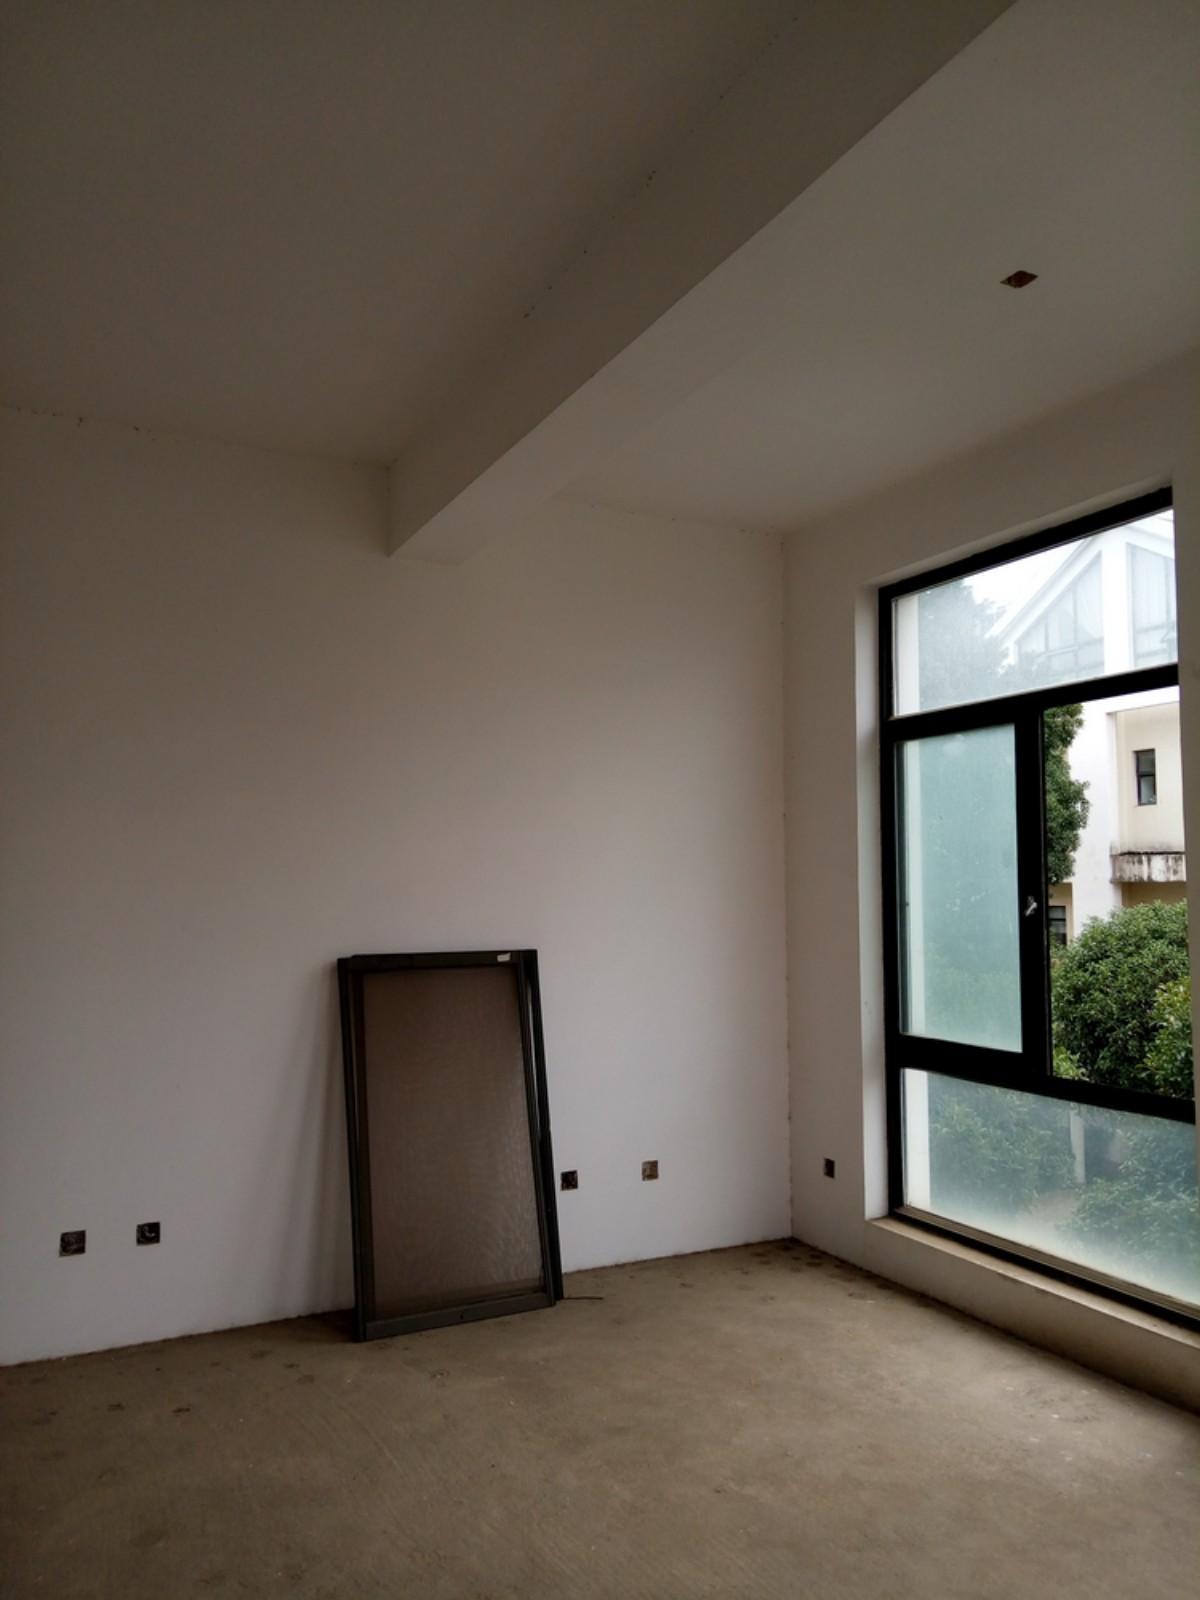 二楼父母房装修需求 --> --> 此处为父母住的卧室,进门处可做成衣帽间,卧室带了一个小阳台,建议做成阳光房用于休闲,带了一个小书房用于老人办公及上网。卧室顶部有横梁后期需处理,卧室与阳台相连处又水管需处理